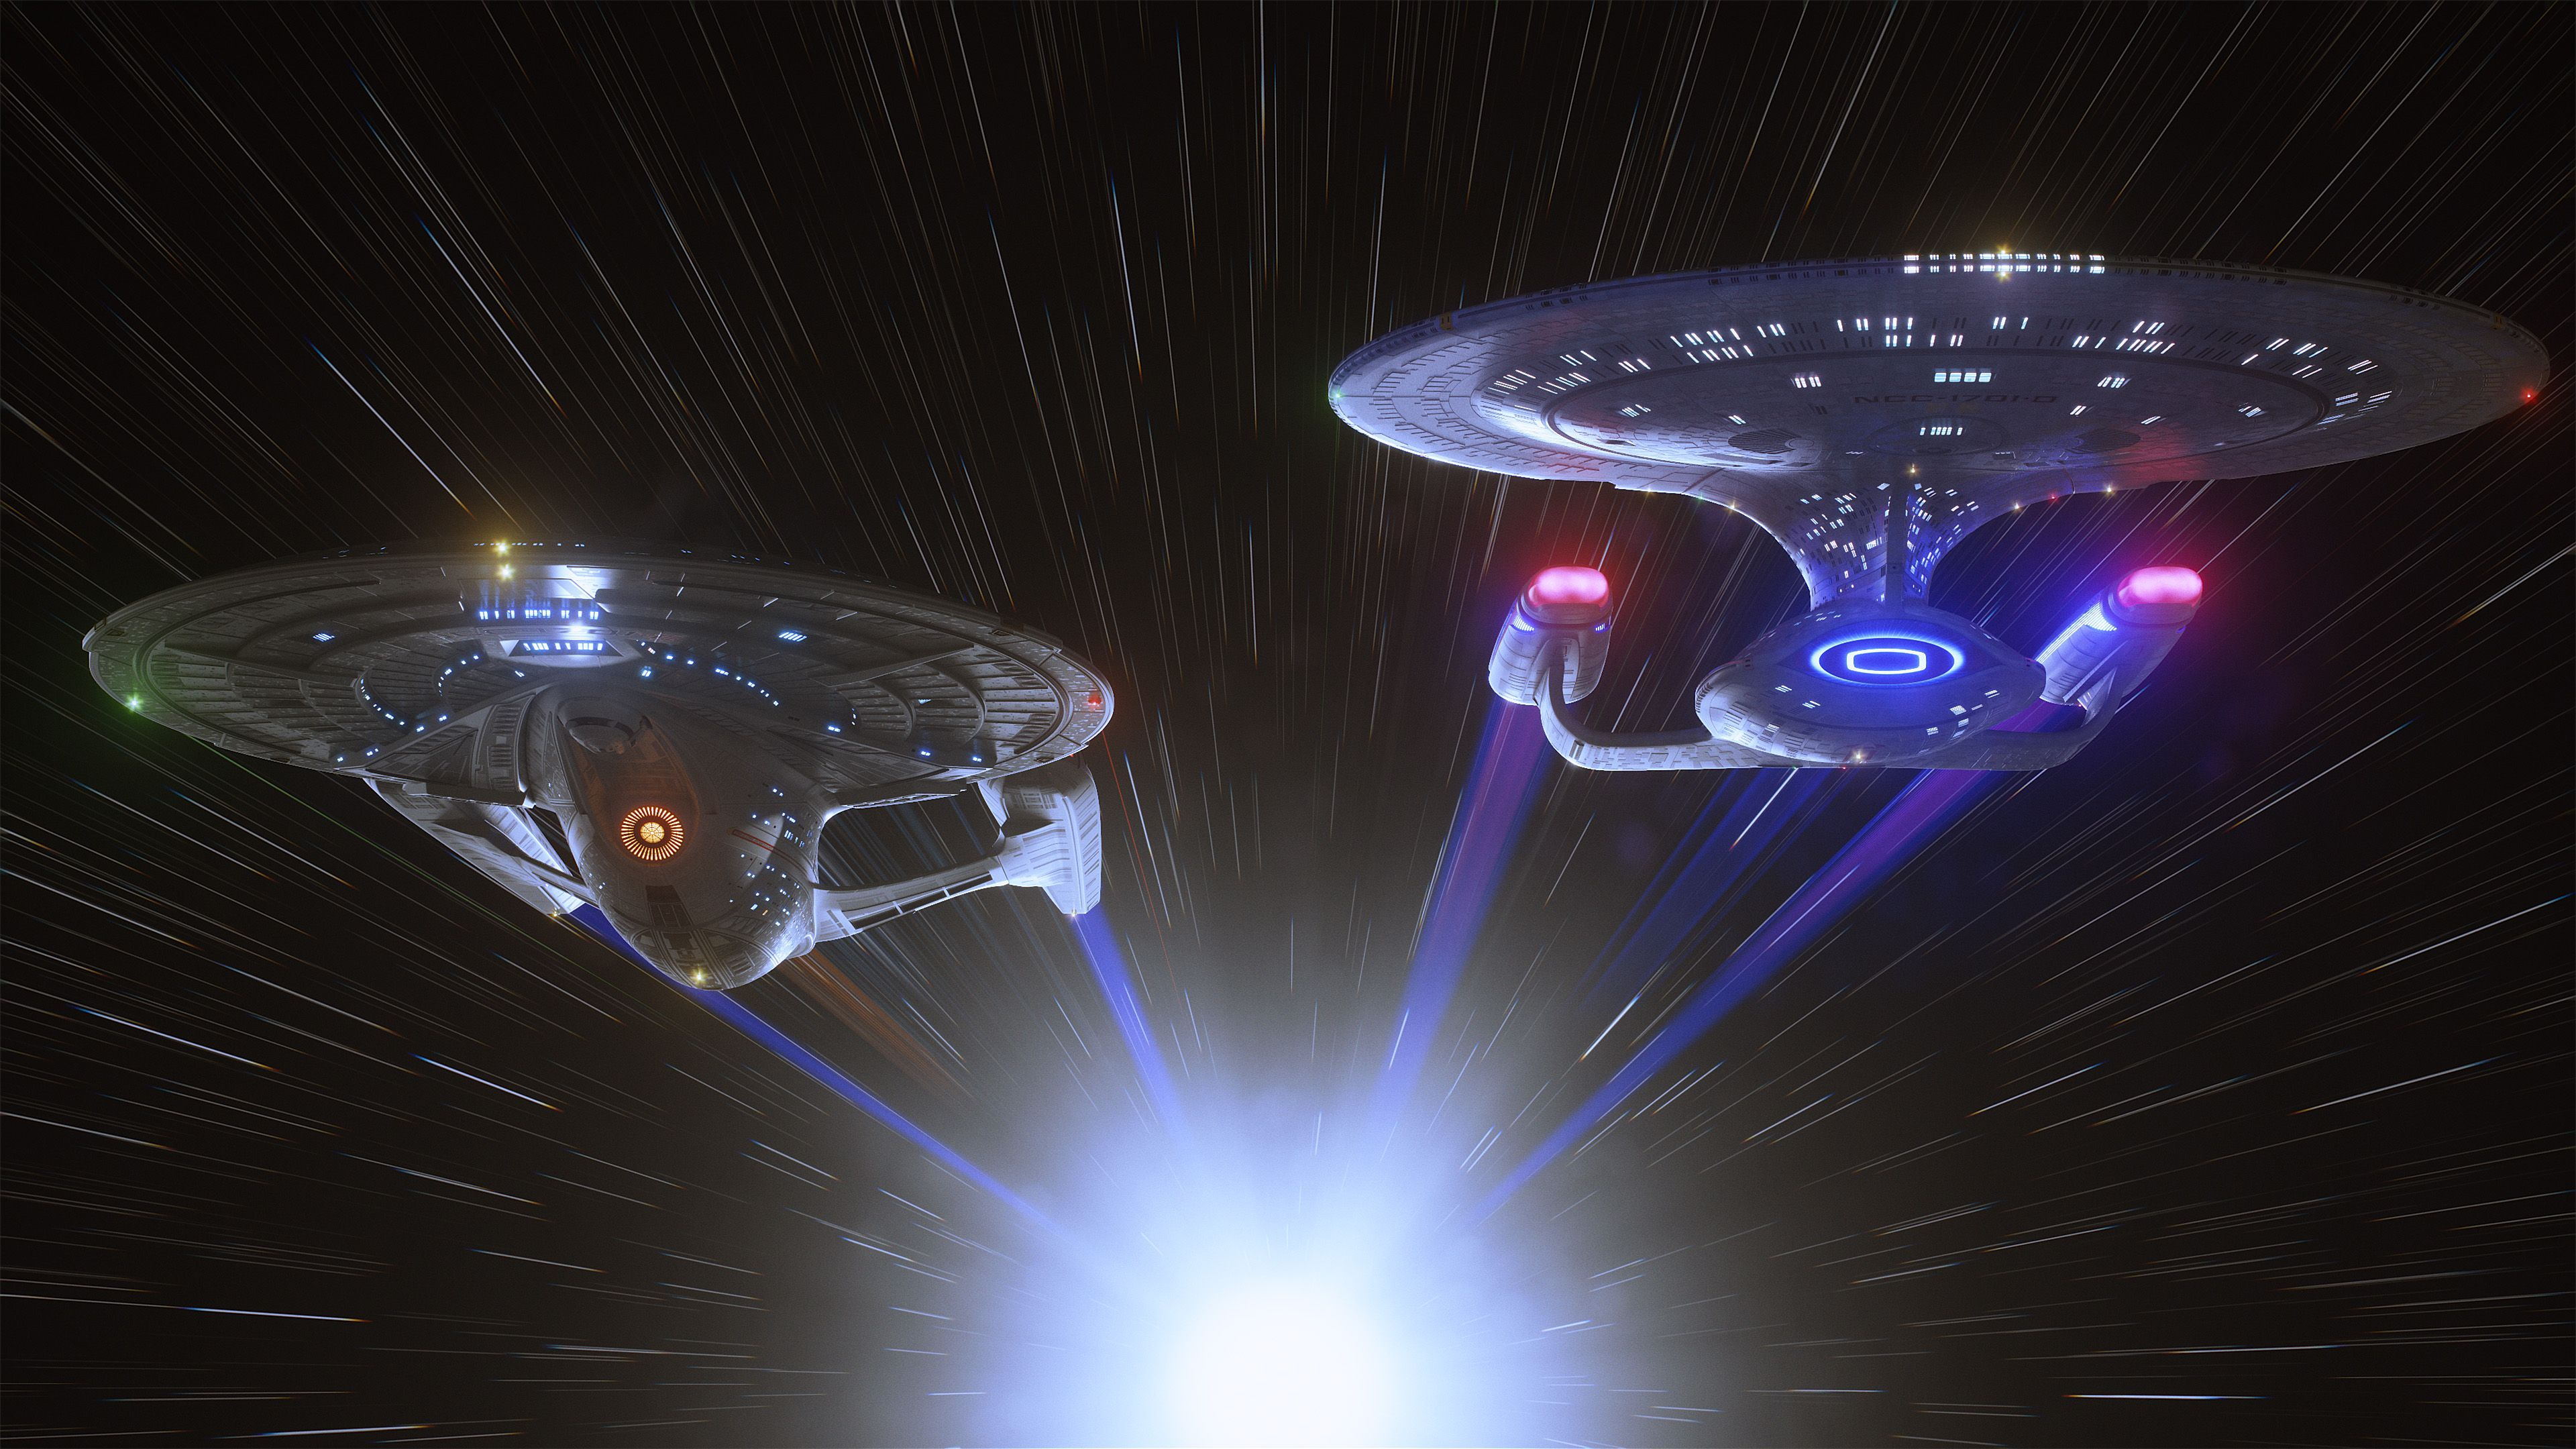 Star Trek Computer Wallpapers Desktop Backgrounds 3840x2160 Id 518756 Star Trek Wallpaper Star Trek Art Star Trek Ships